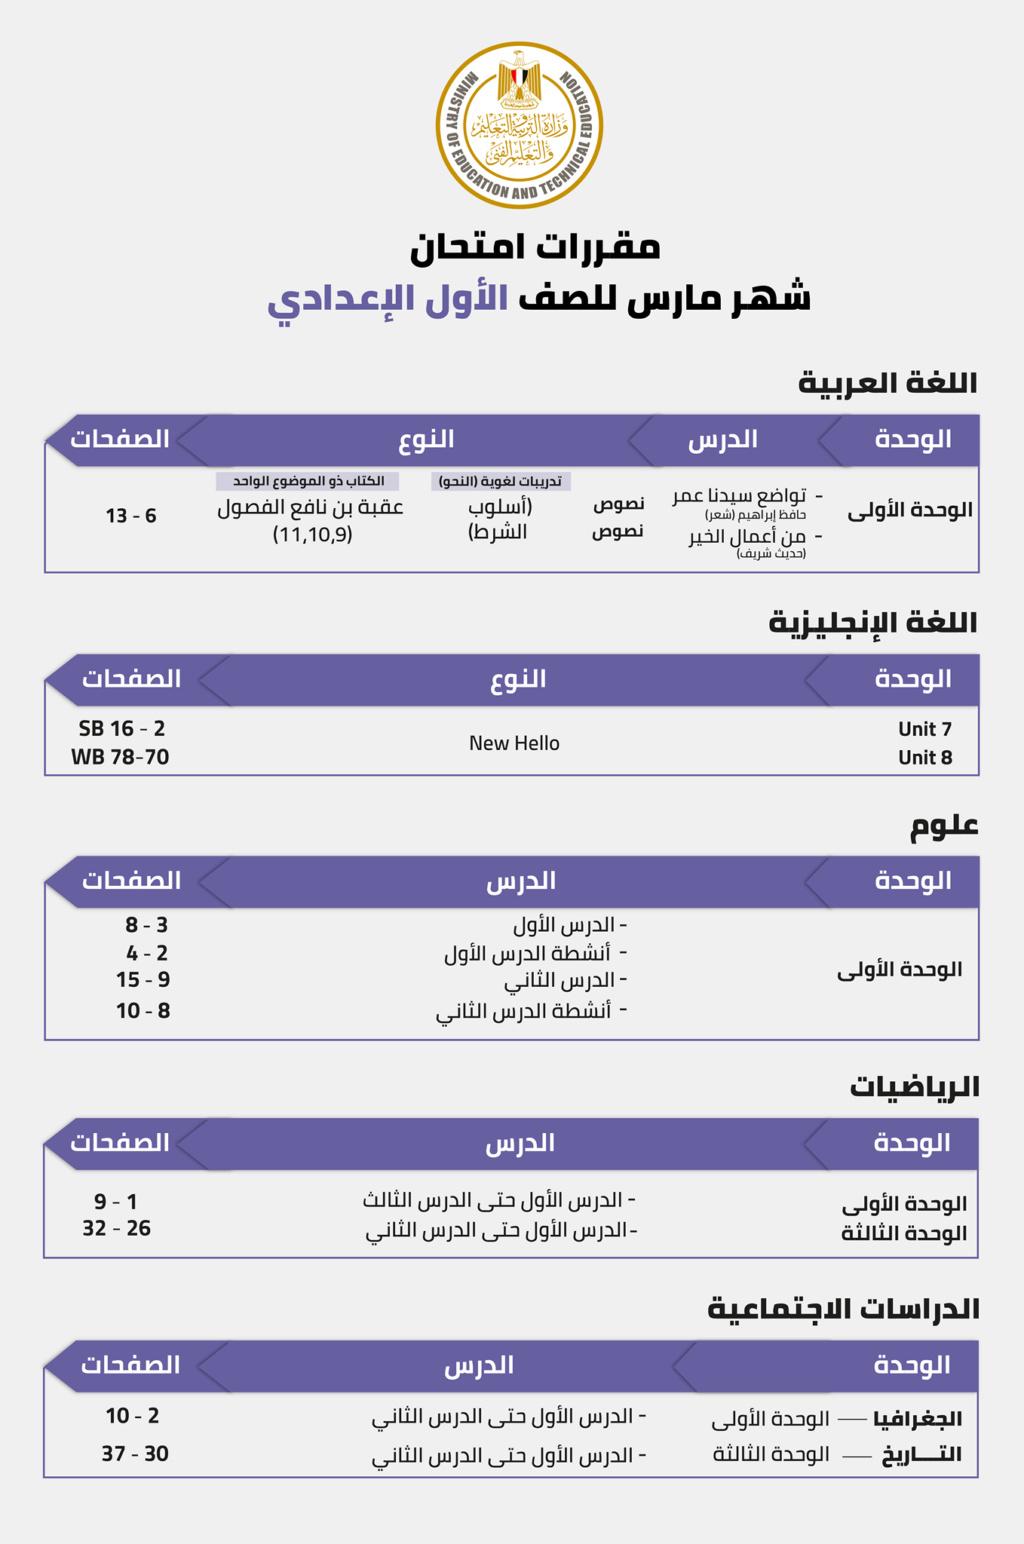 مقررات امتحان شهر مارس للصفوف من الرابع الابتدائي الى الثاني الاعدادي 750